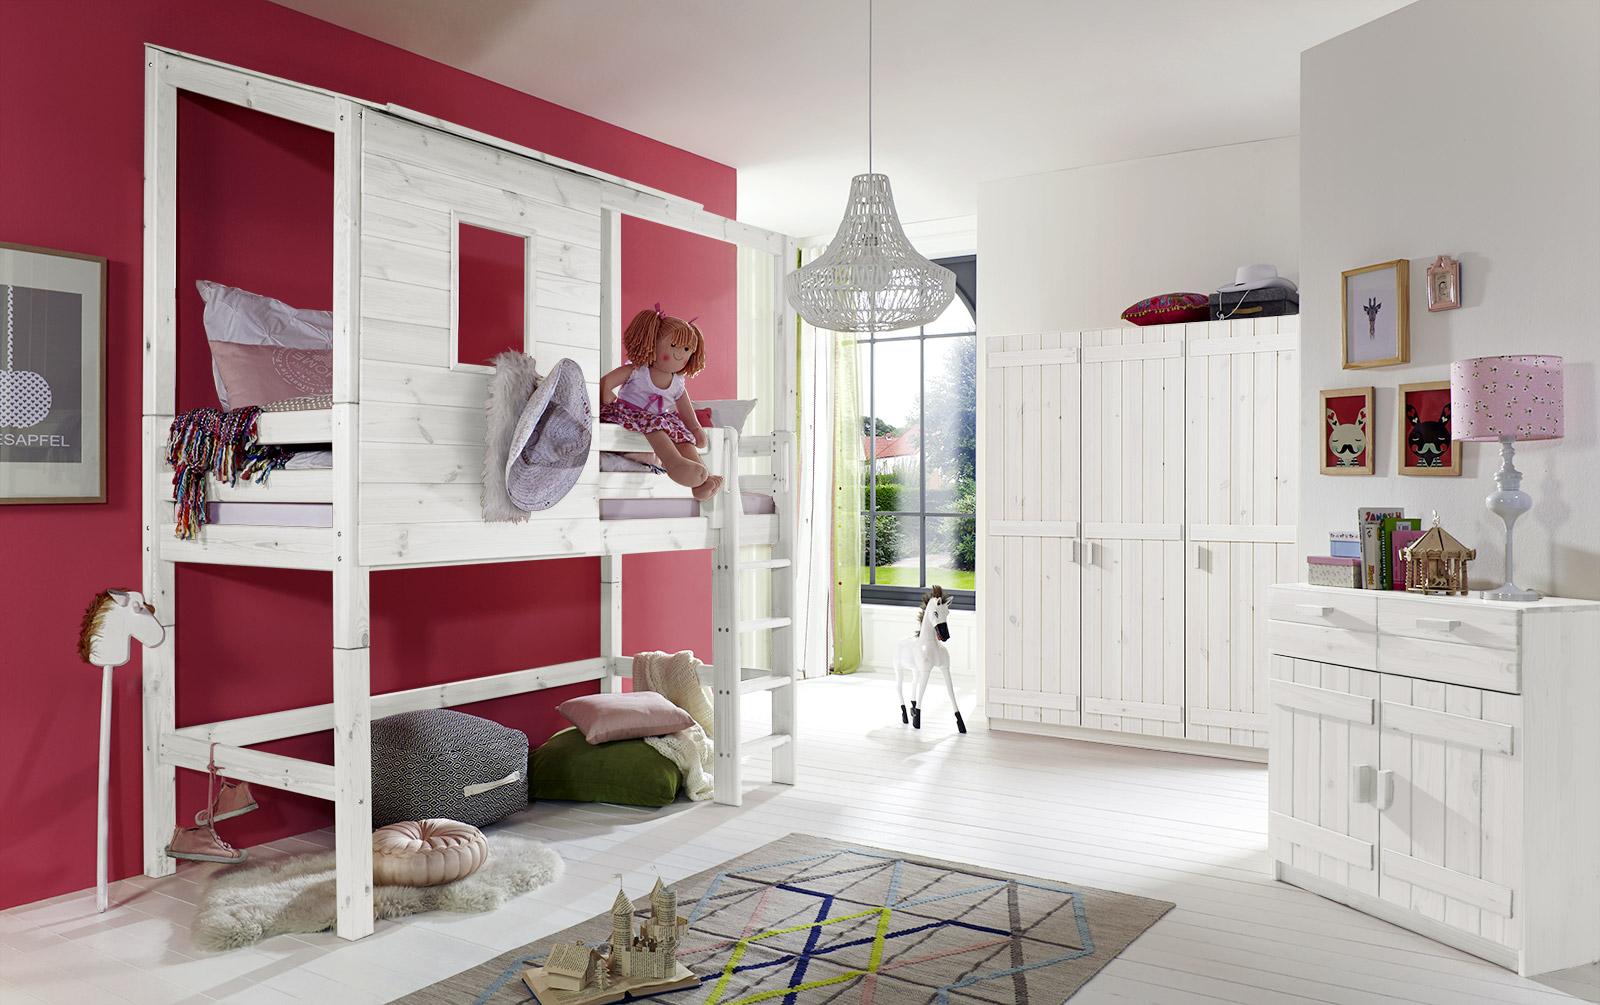 extra hohes abenteuer-hochbett für mädchen - kids paradise, Hause deko